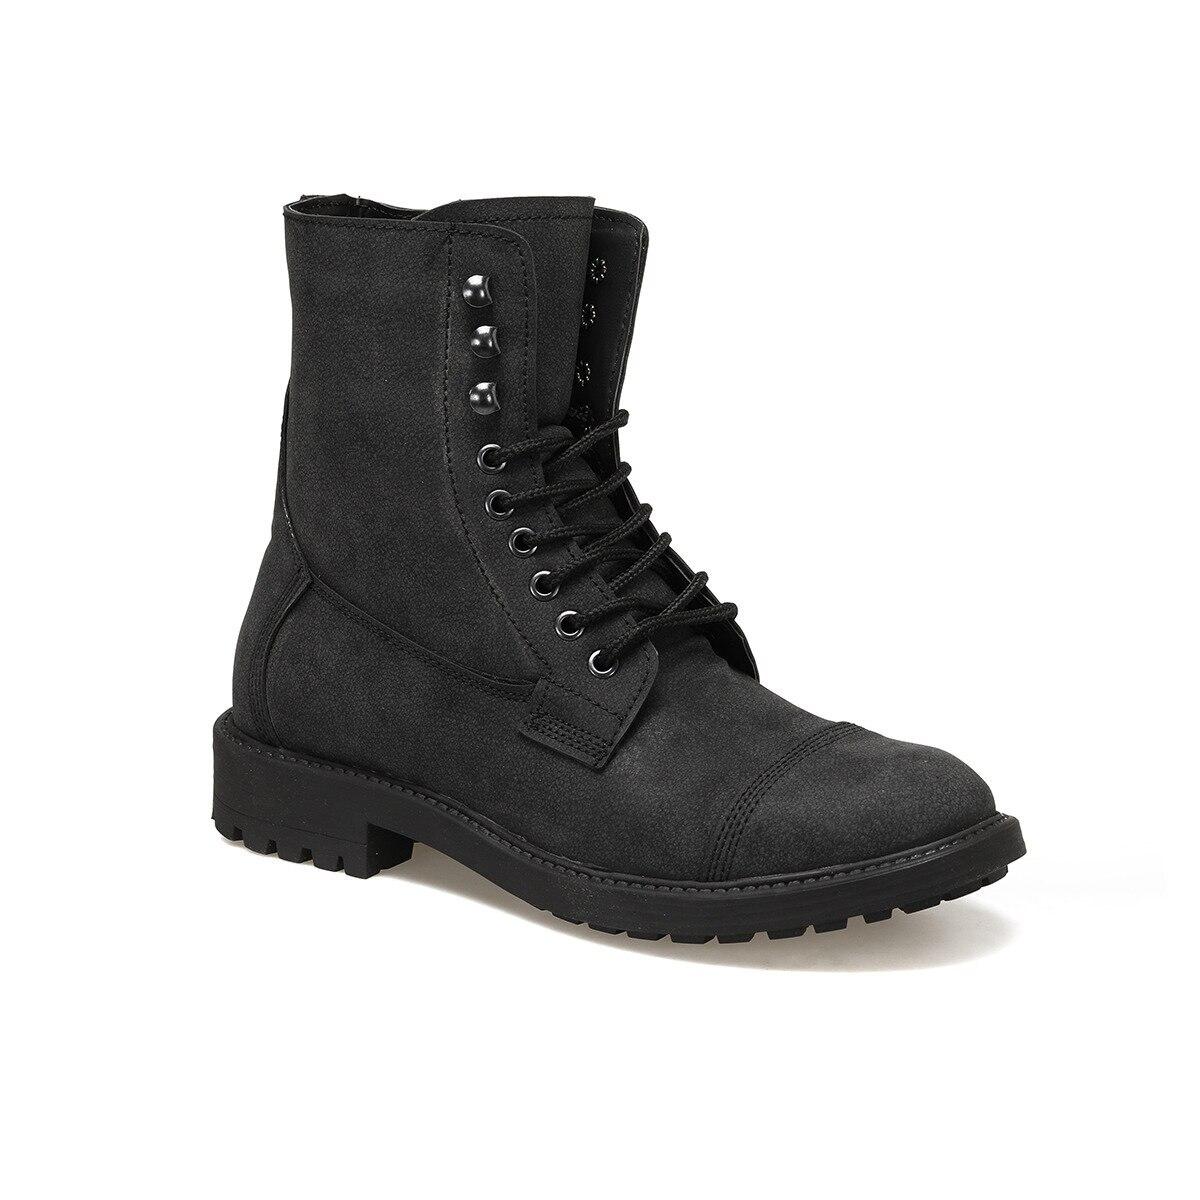 FLO EC-1009 Black Men Boots Forester